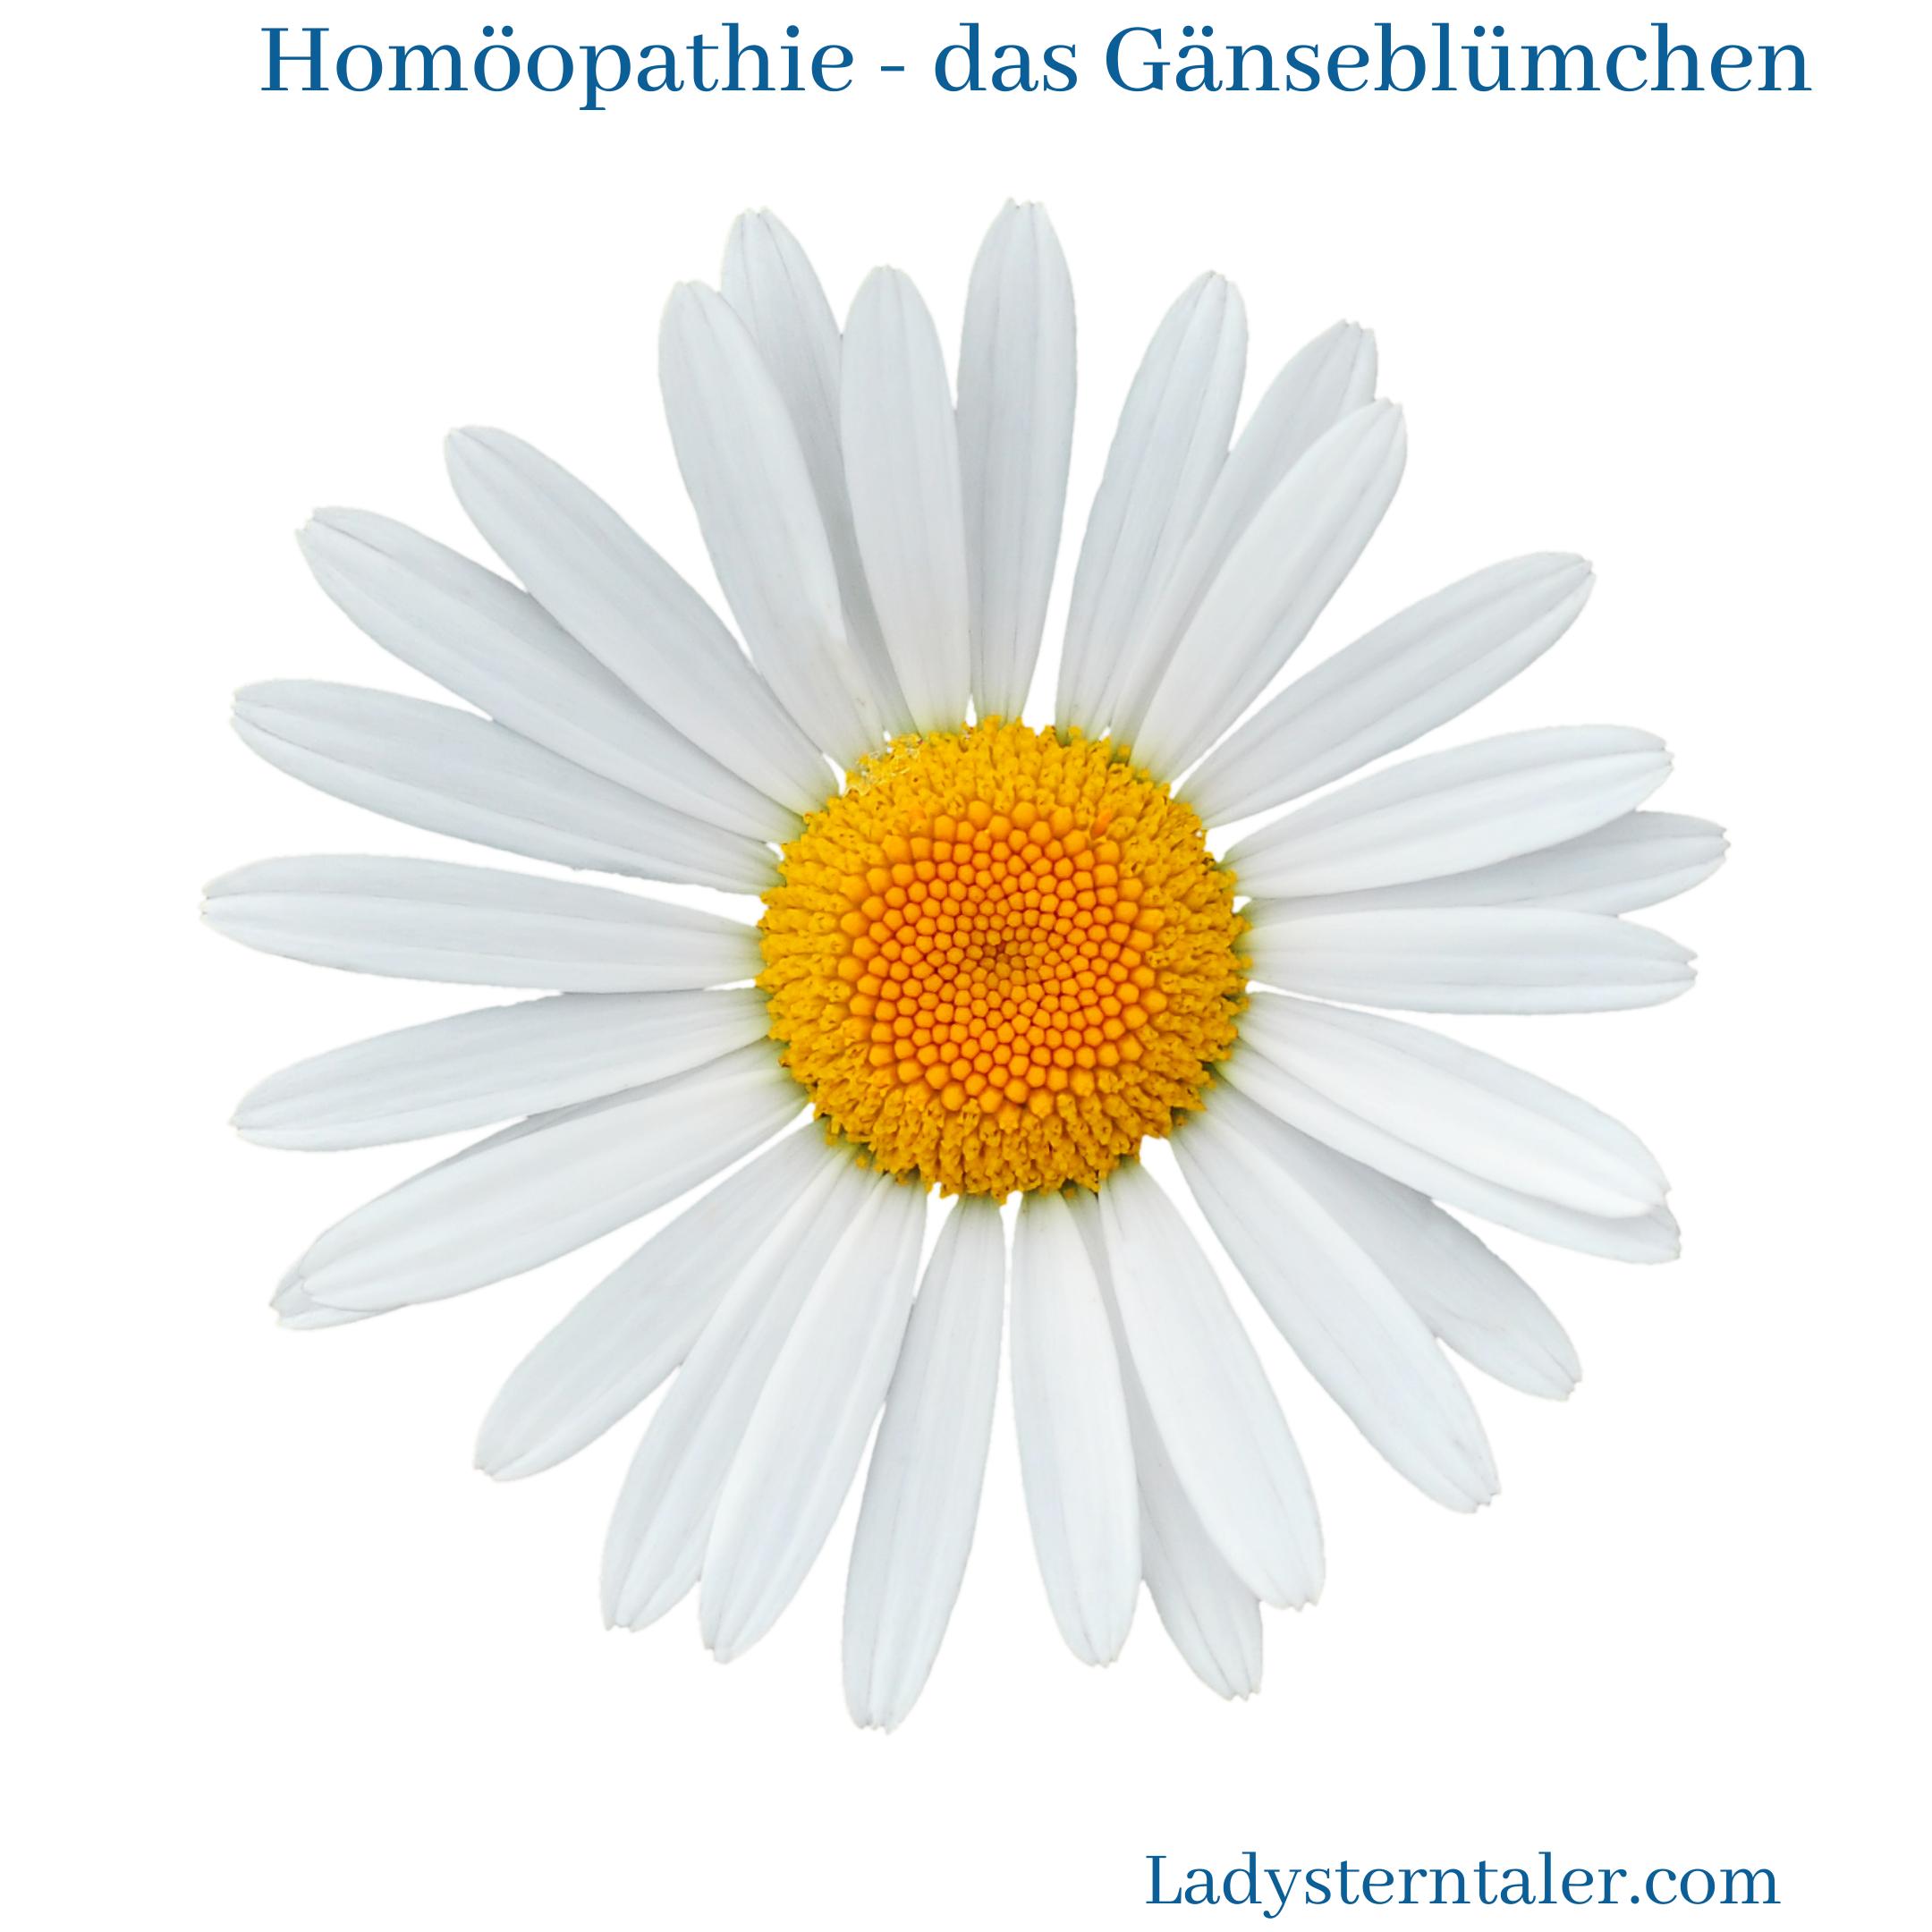 Homöopathie - Gänseblümchen (1)